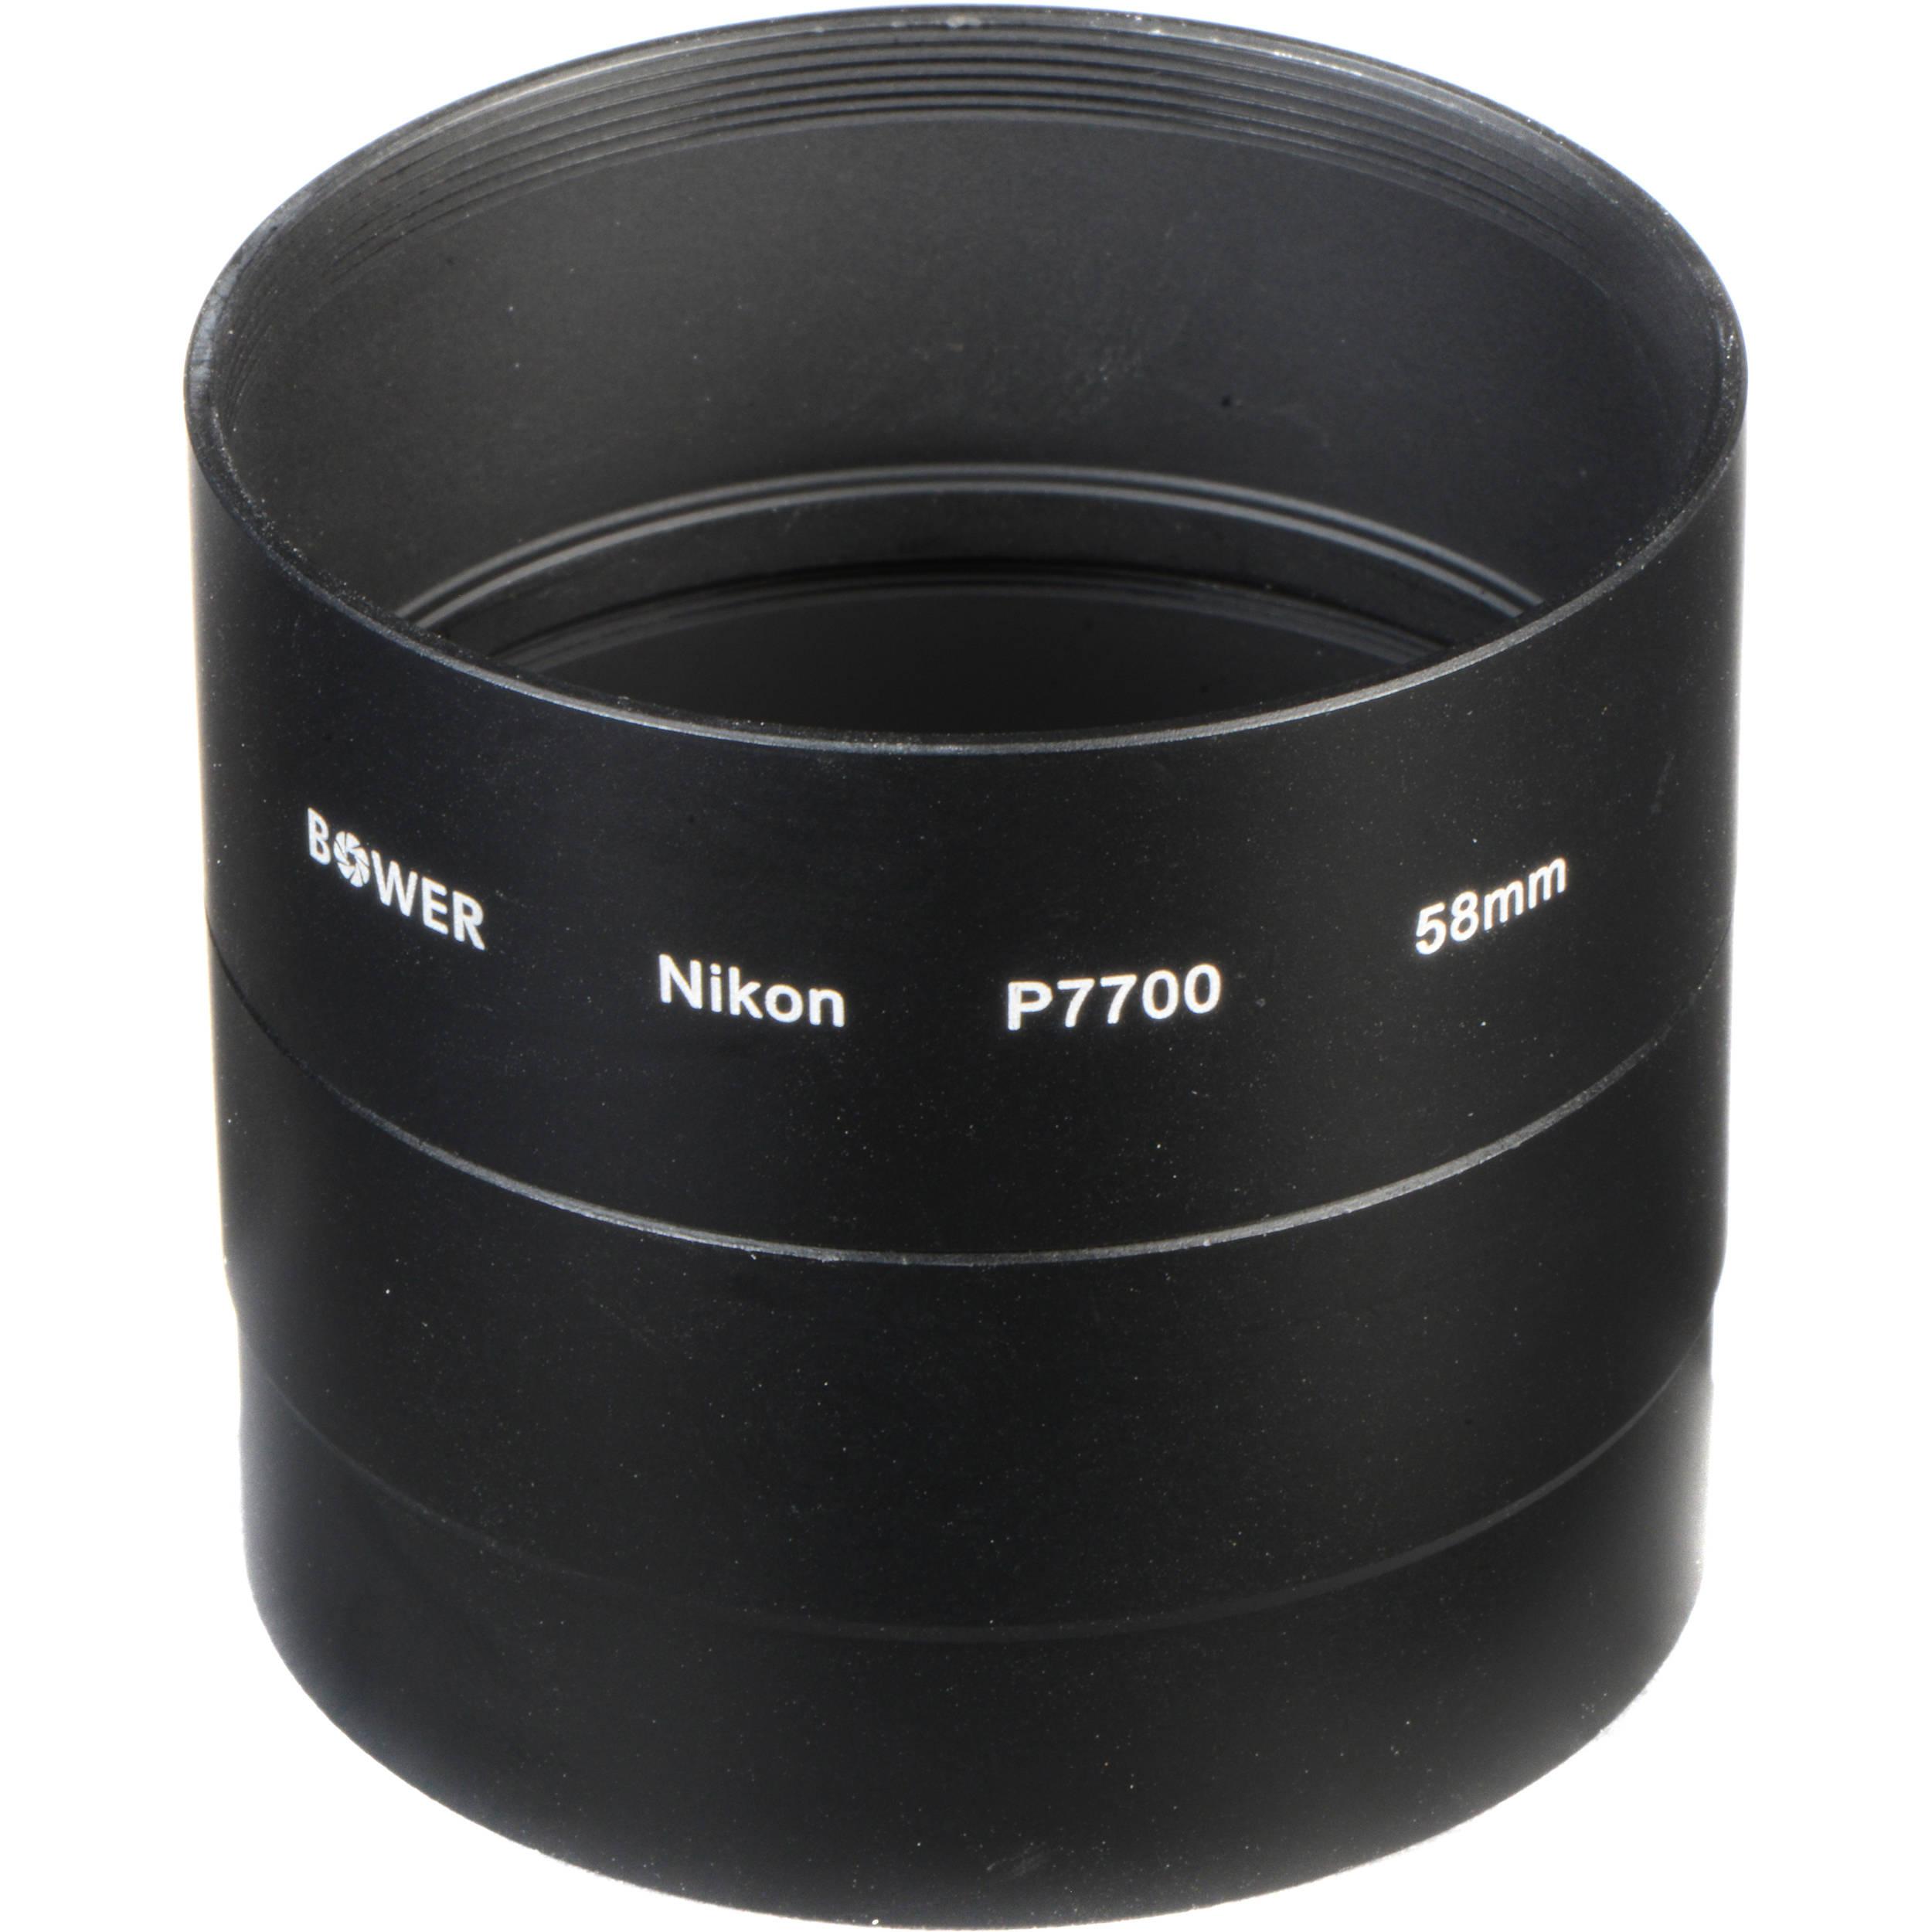 Bower Anp Nikon P